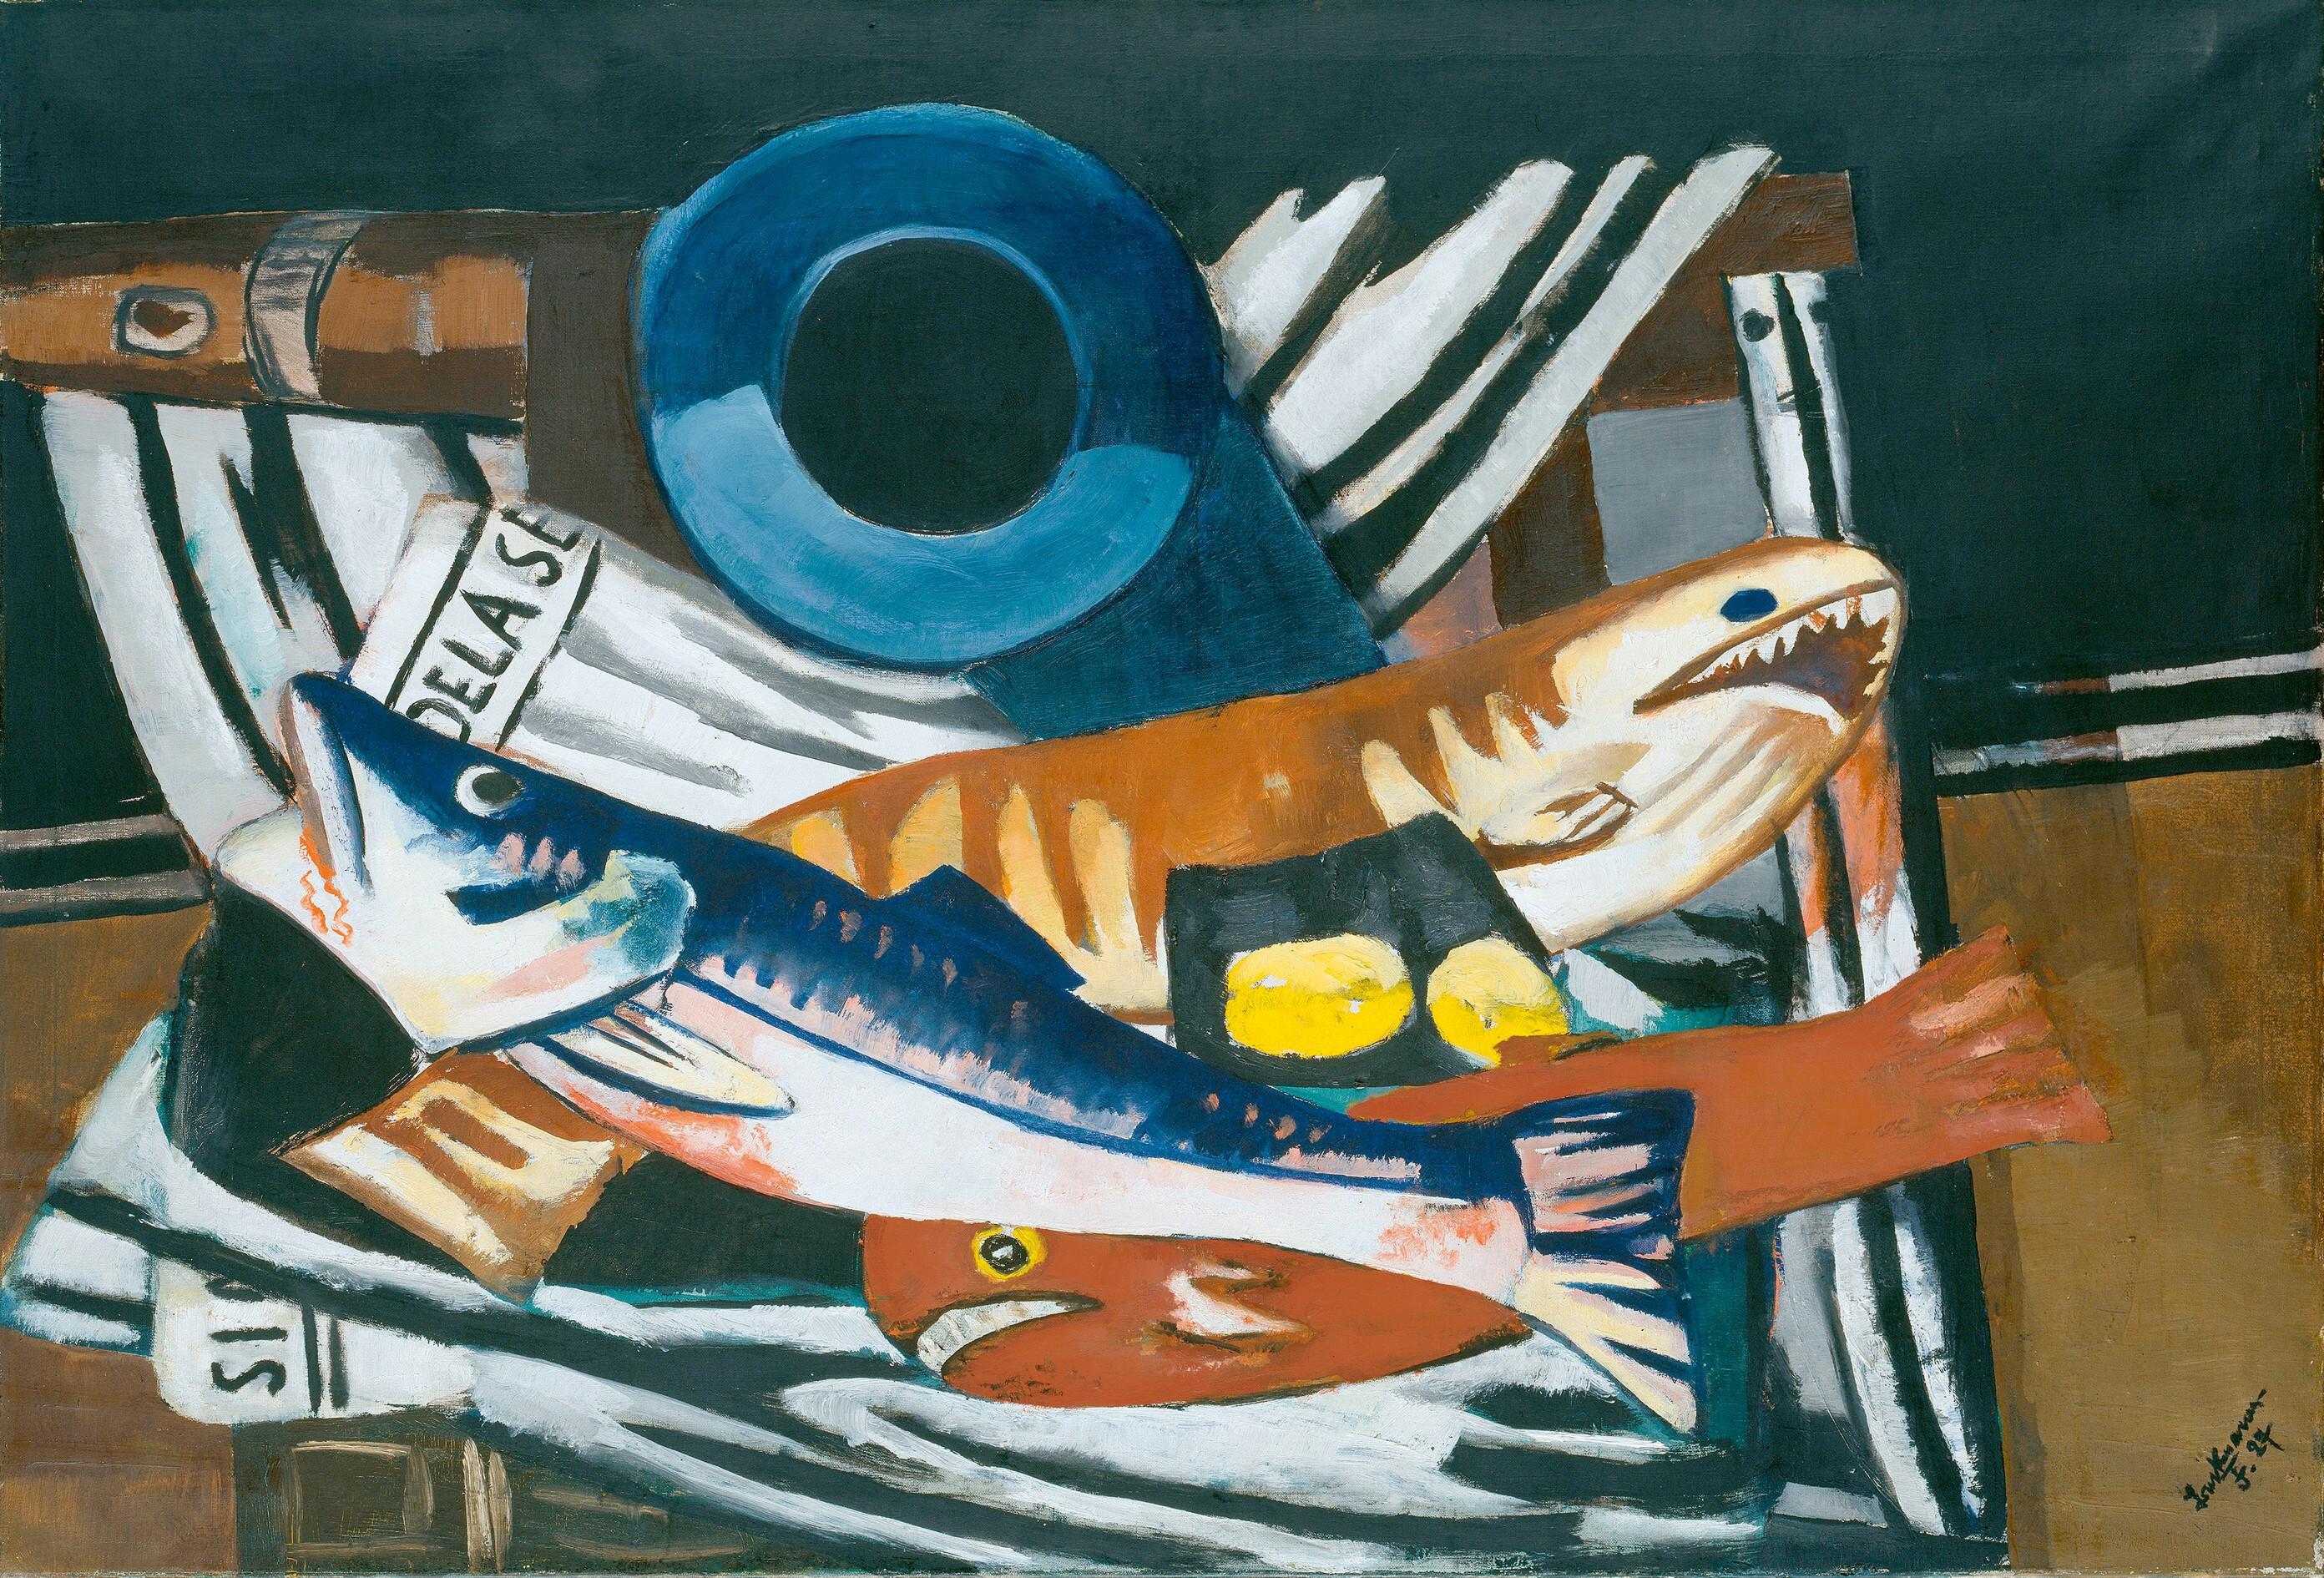 Max Beckmann,(1884-1950)  Großes Fisch-Stillleben, 1927  Öl auf Leinwand, 96 x 140,5 cm  Hamburger Kunsthalle   © VG Bild-Kunst, 2013  Photo: Elke Walford